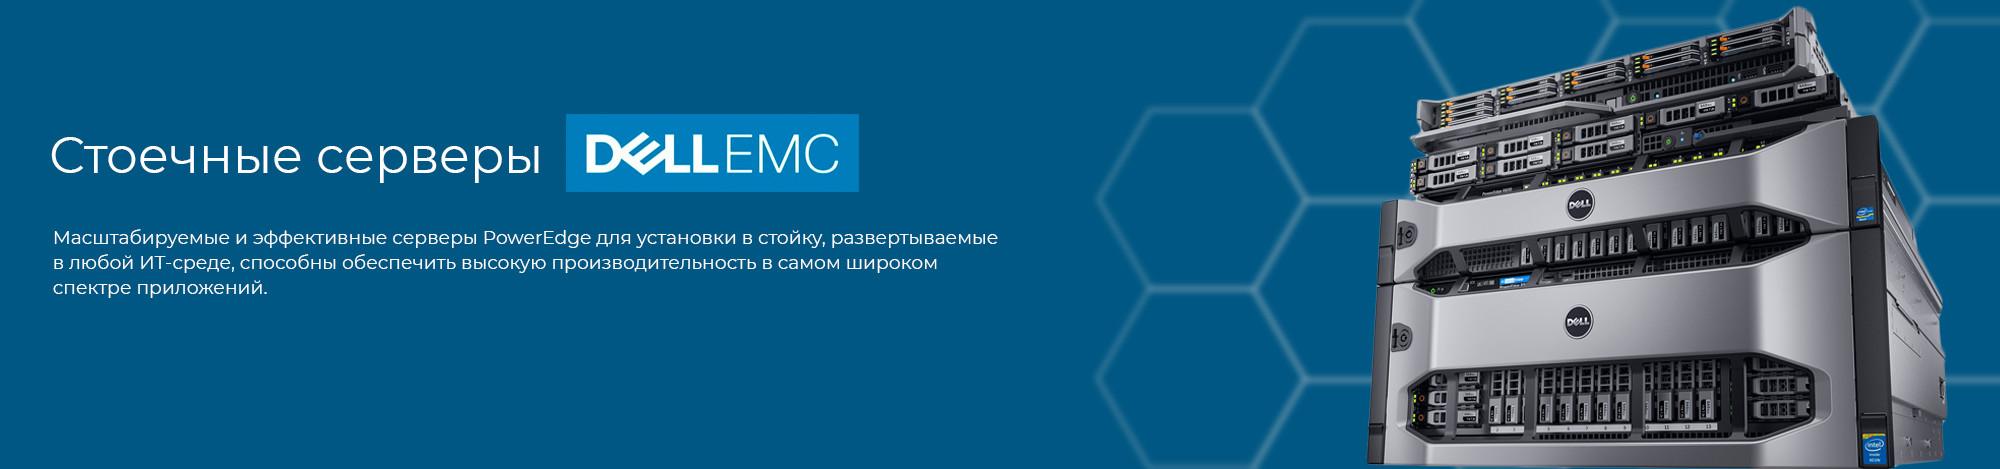 Стоечные-серверы-Dell-EMC